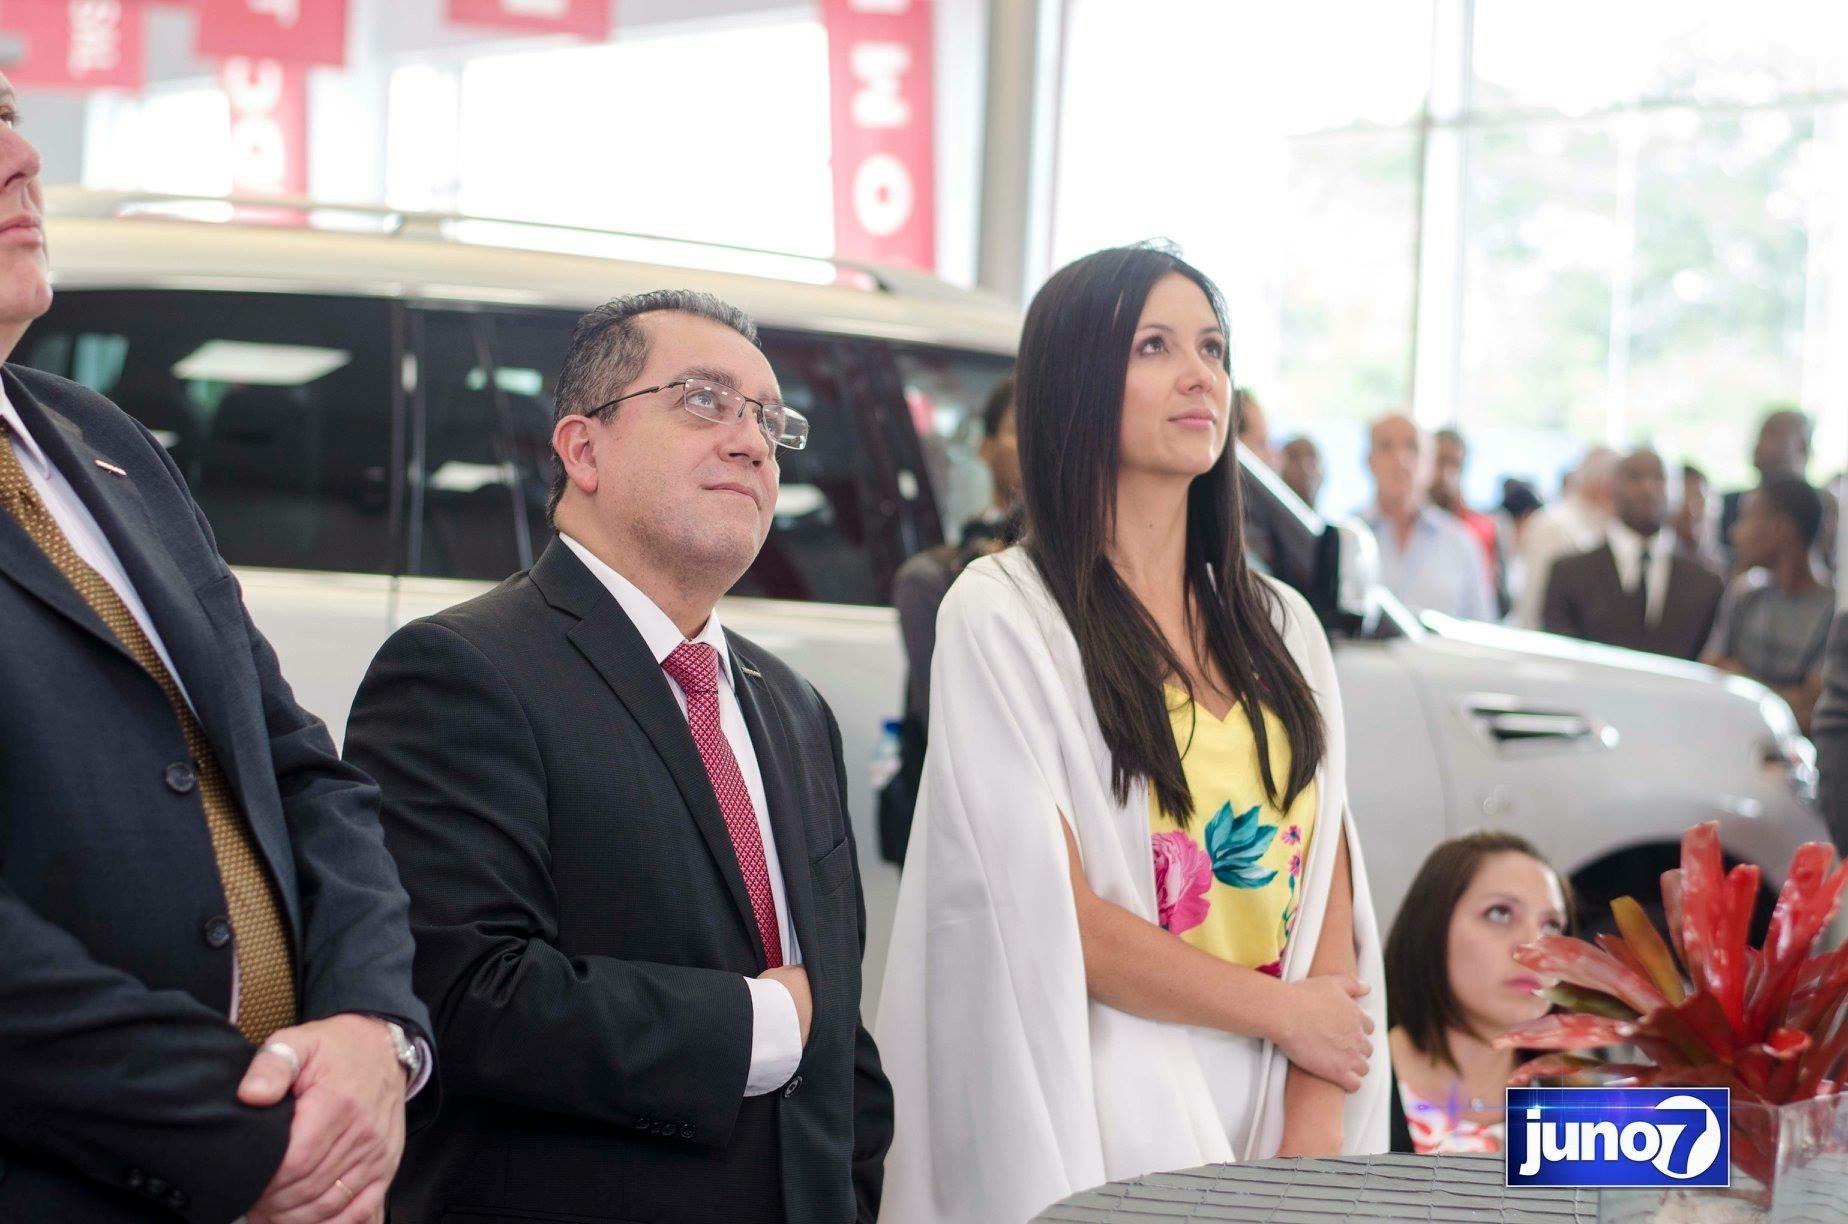 La Nissan Universal Motors inaugure le plus grand showroom de la caraïbe et de l'Amérique latine 51